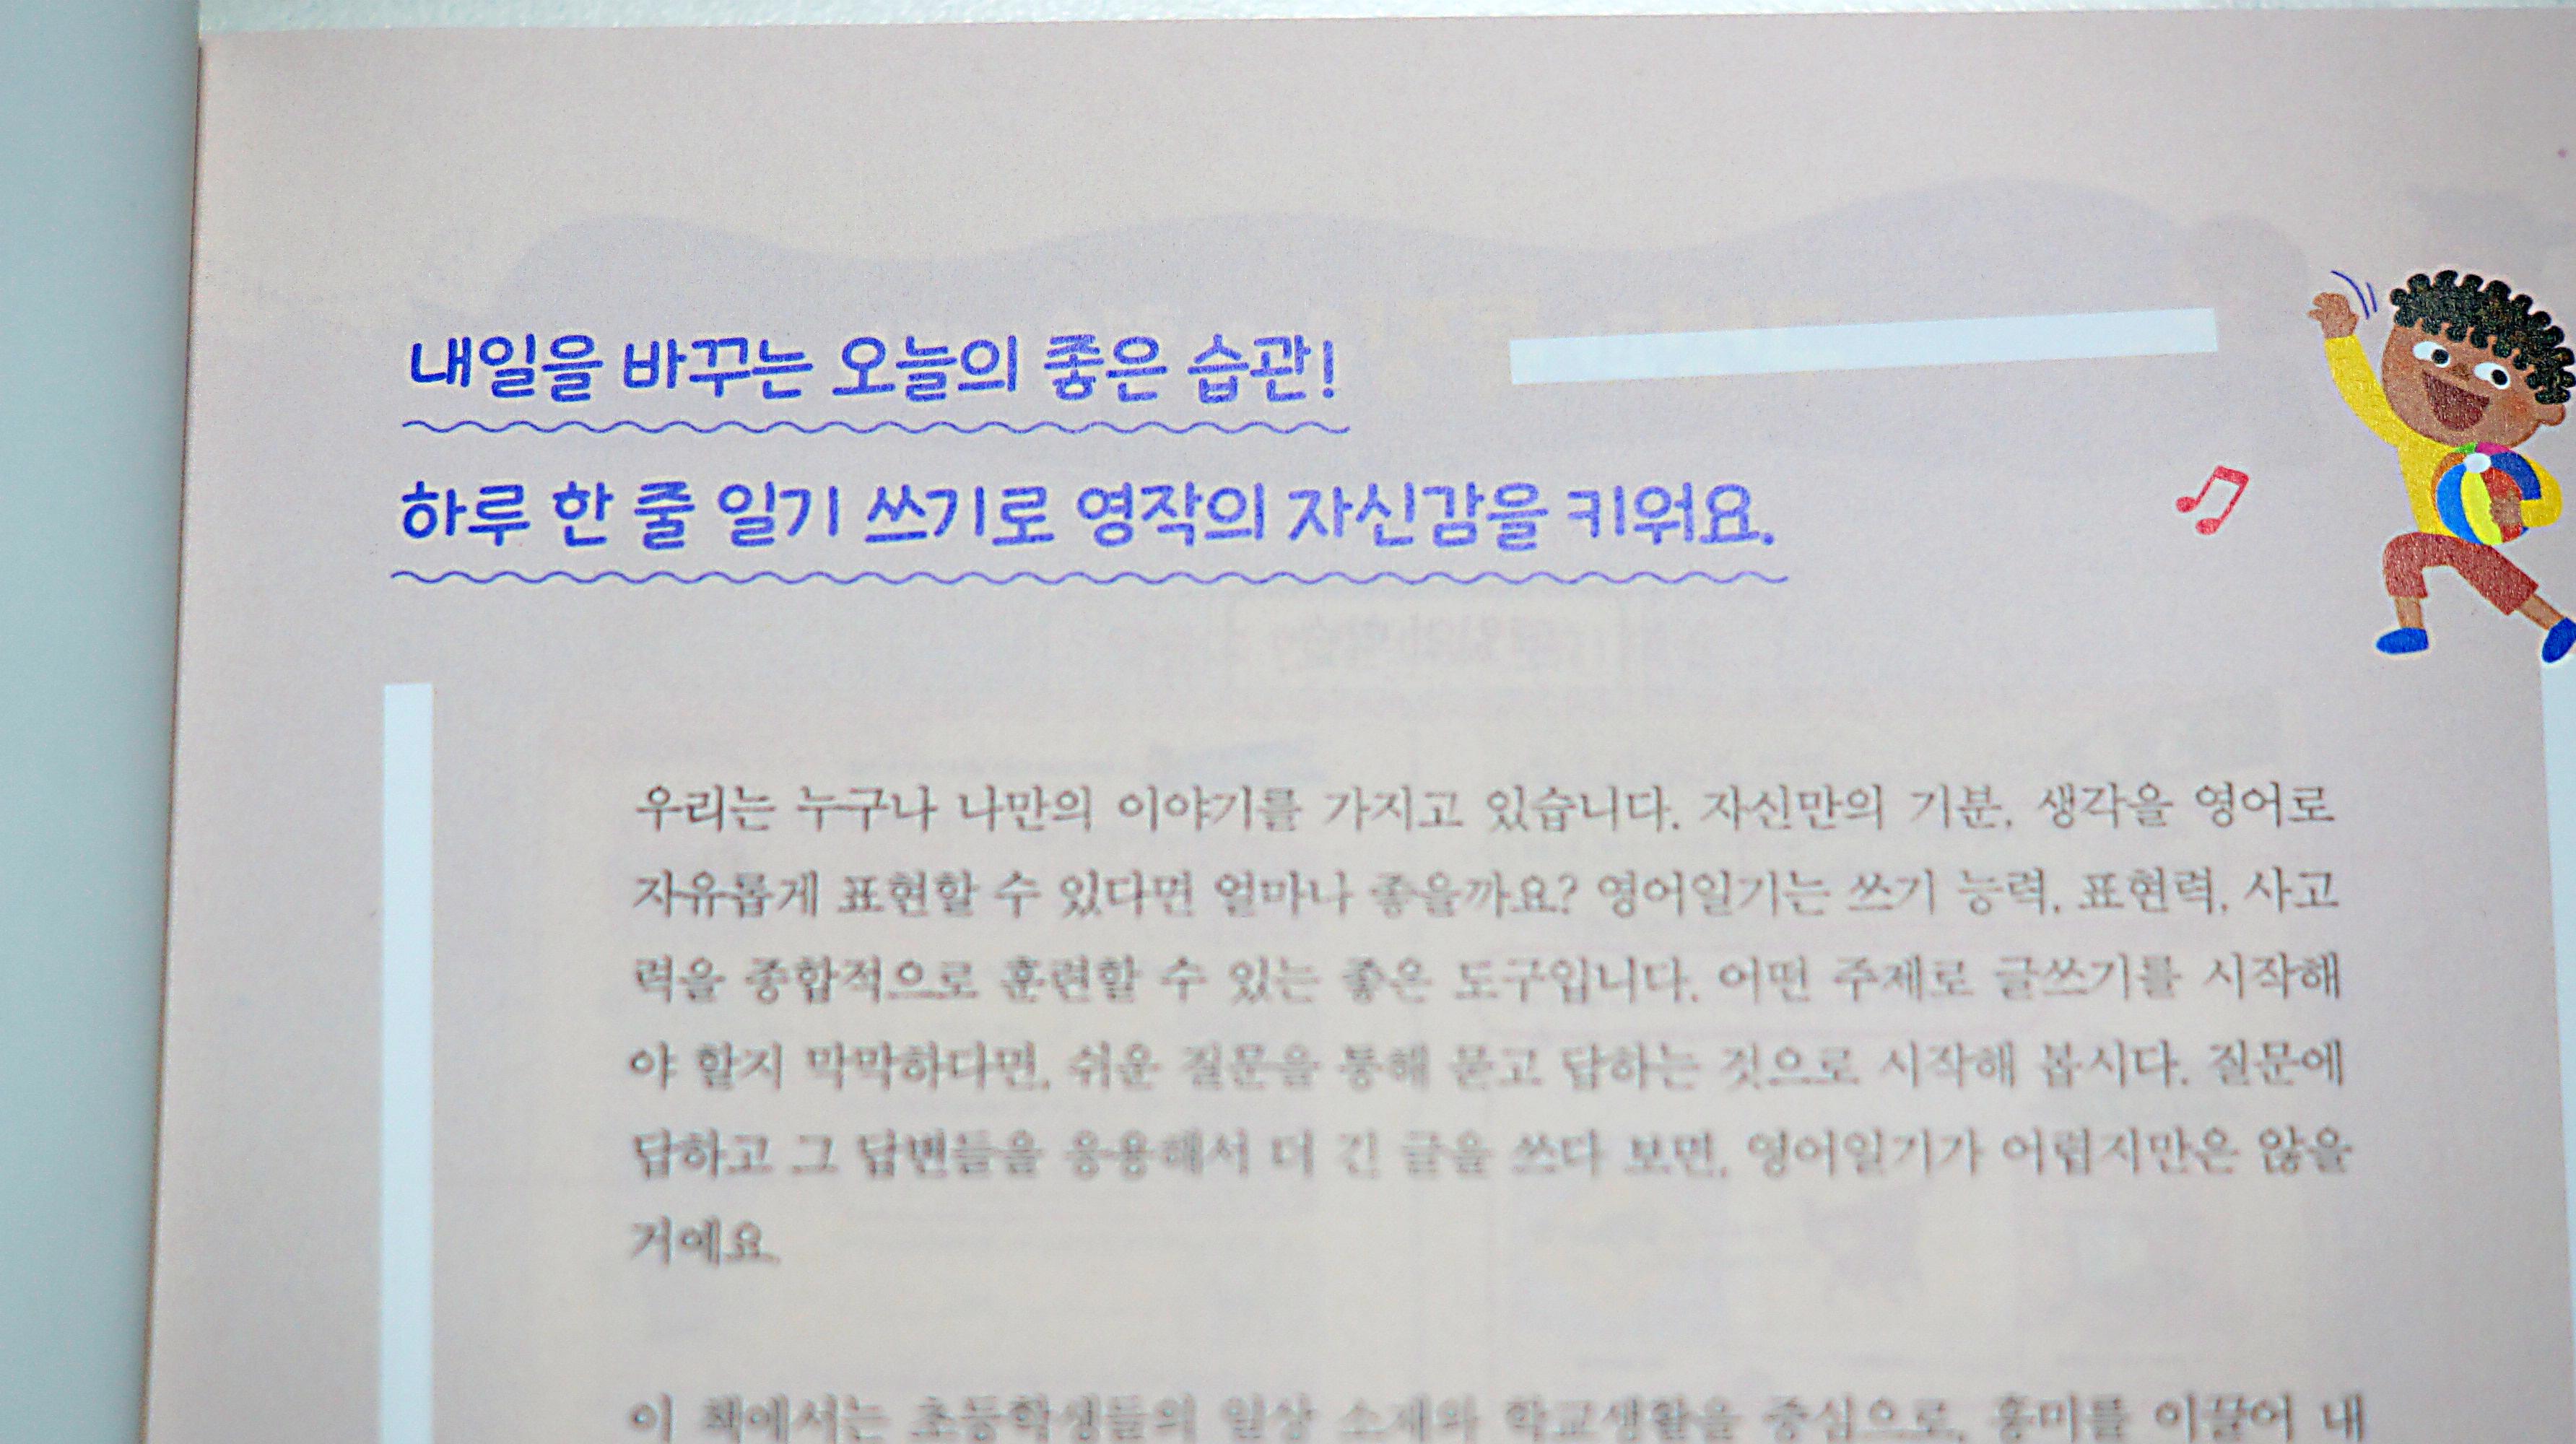 초등4학년 영어 일기 쓰기 기적의 영어일기 리뷰 사진2